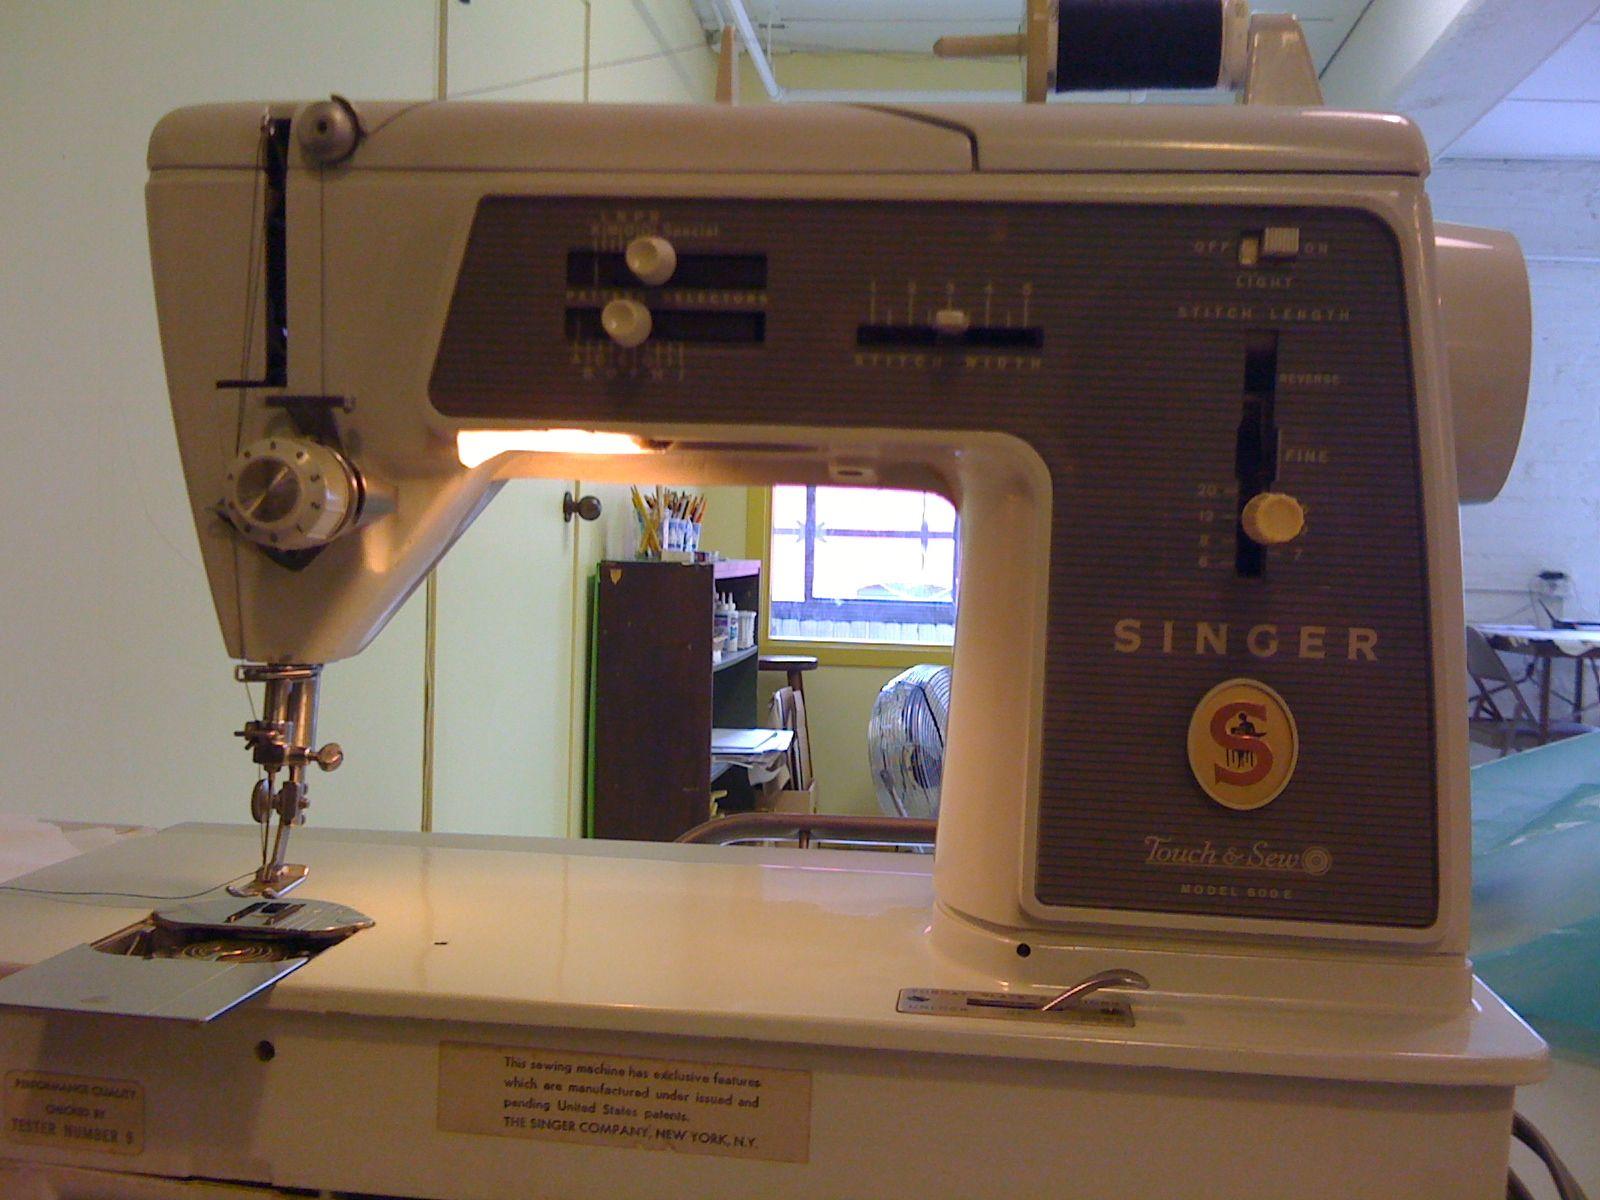 1965 singer sewing machine